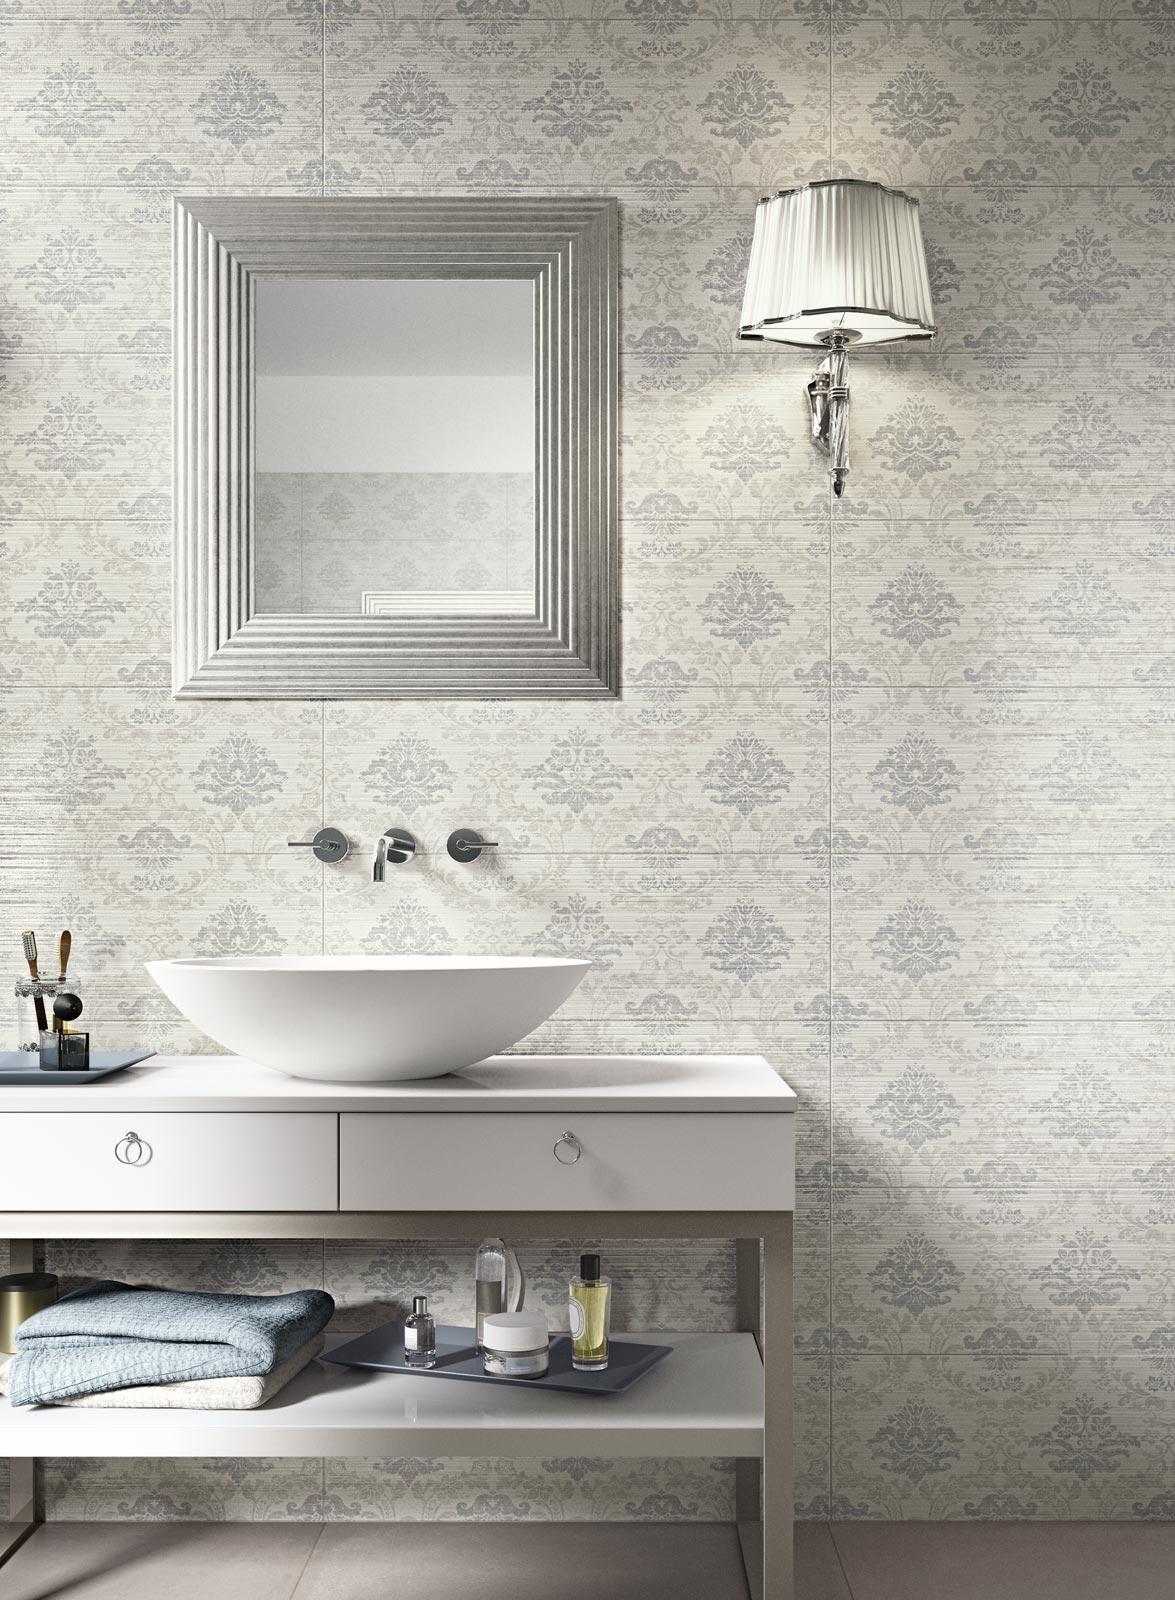 Collezione wallpaper rivestimenti classici per il bagno ragno - Ragno rivestimenti bagno ...